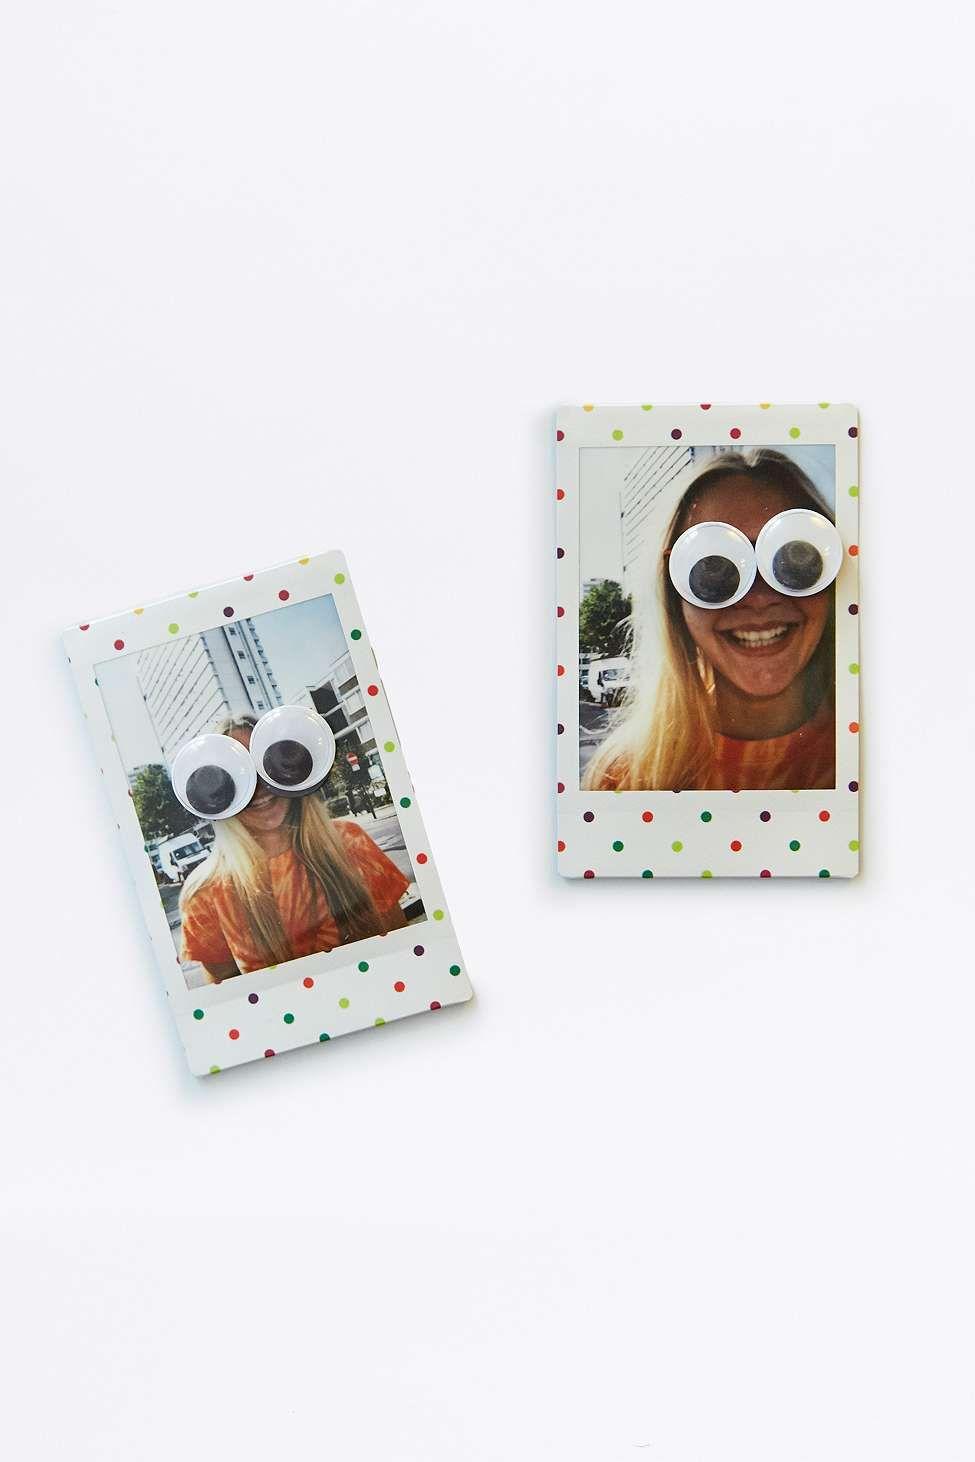 Aimants de frigo avec des yeux globuleux - Urban Outfitters